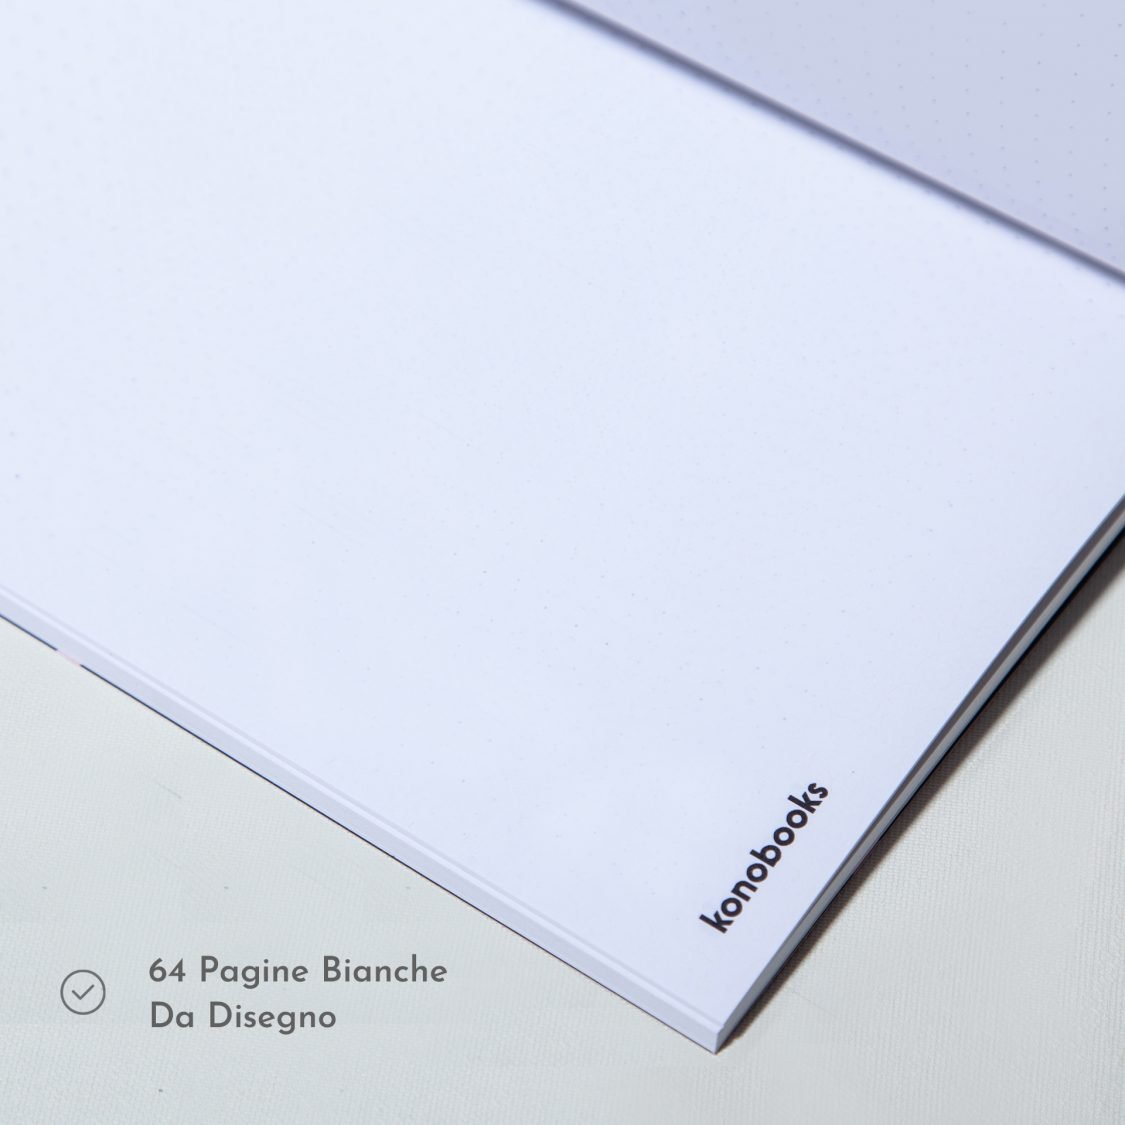 Quaderno da disegno ecologico - Quaderno da disegno in carta riciclata Konobooks